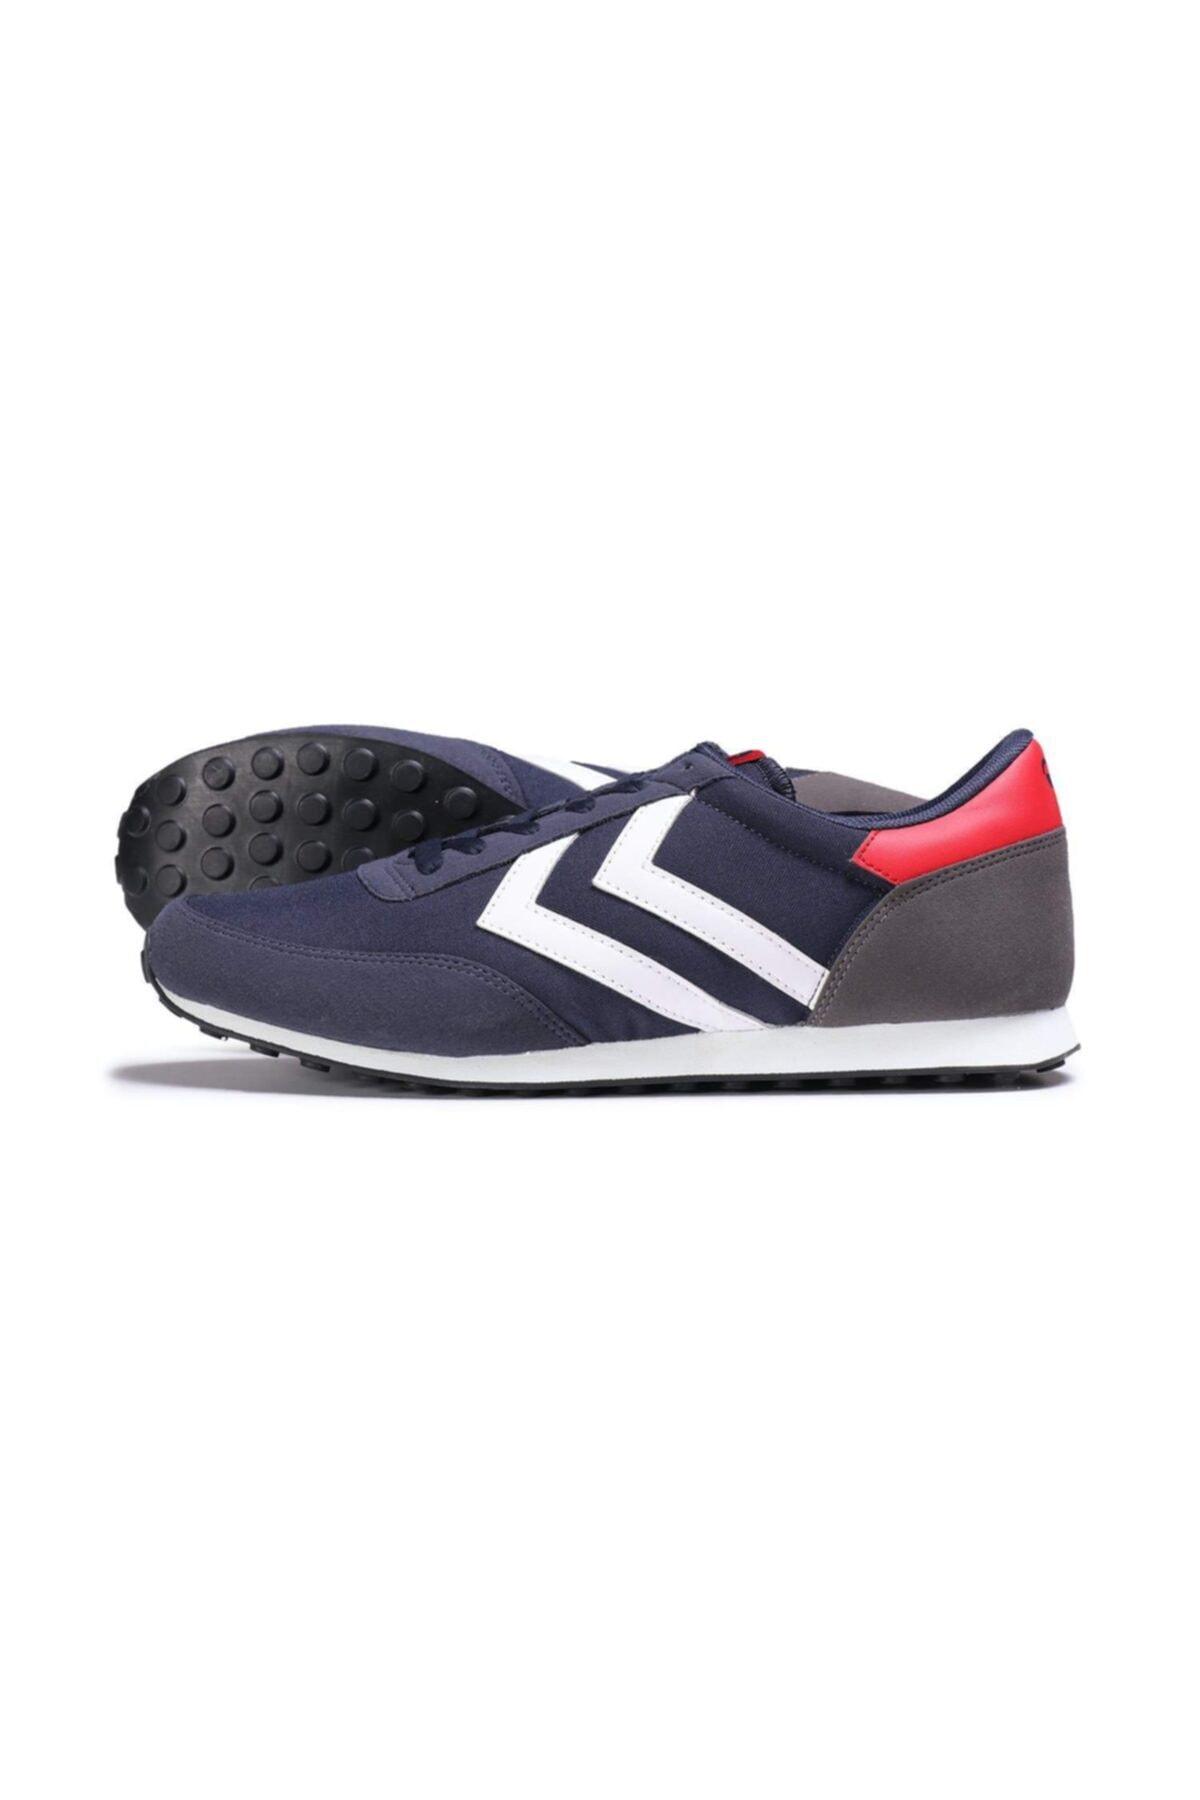 کفش اسپرت مردانه تابستانی برند هومل رنگ لاجوردی کد ty32870284